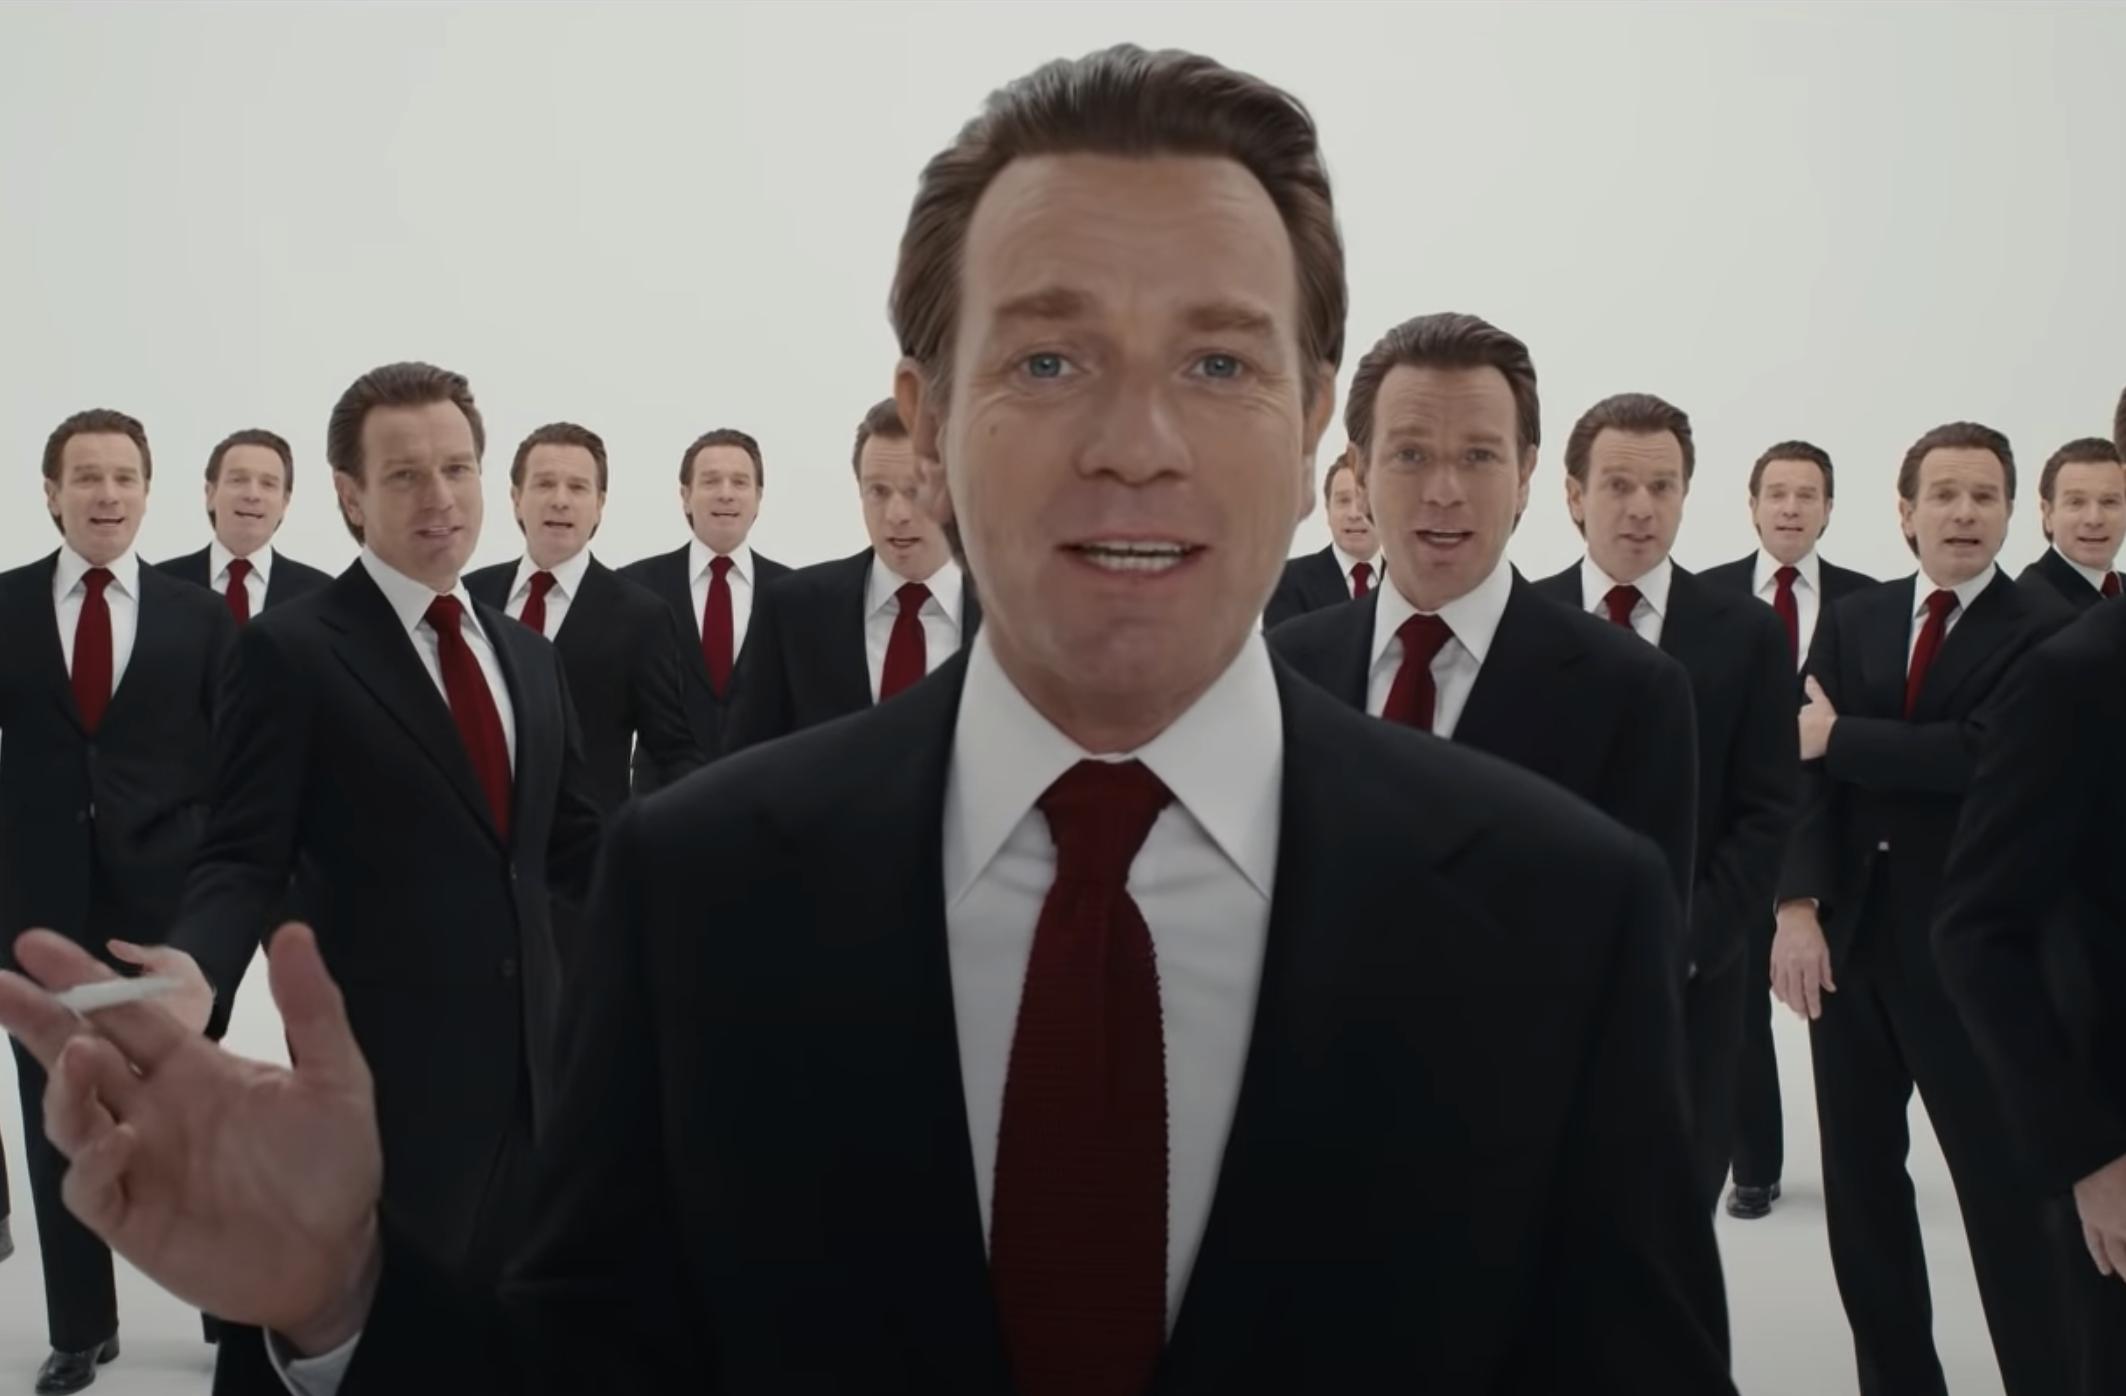 Cena da série Halston. Ewan McGregor, um homem branco, ruivo, de paletó e gravata vermelha está posicionado no centro, da cintura para cima. Atrás, também podemos ver várias reproduções de Ewan, todos usando a mesma roupa.